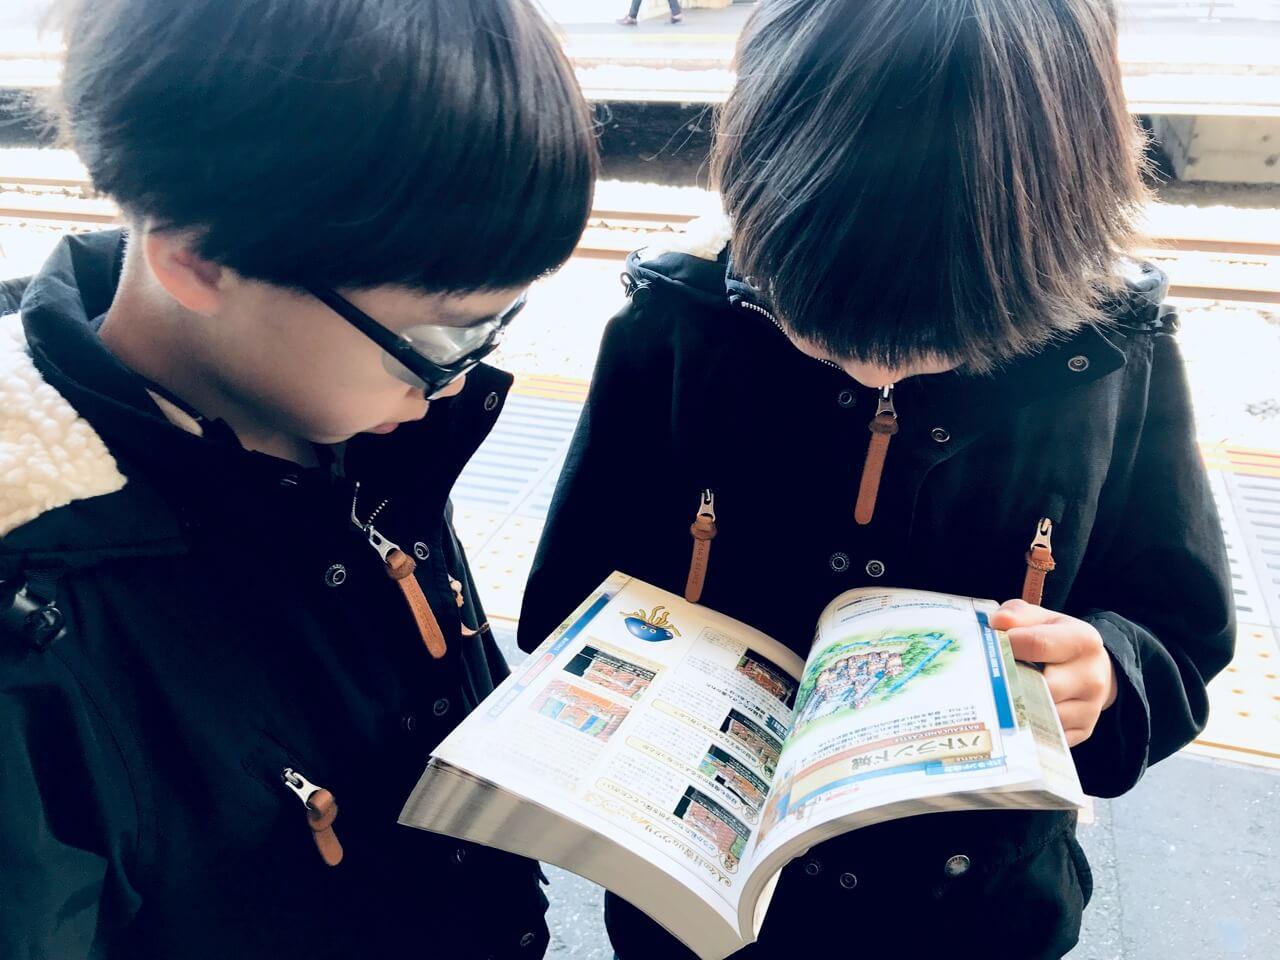 電車移動中に「ドラゴンクエストⅣ 公式ガイドブック」に食い入る双子